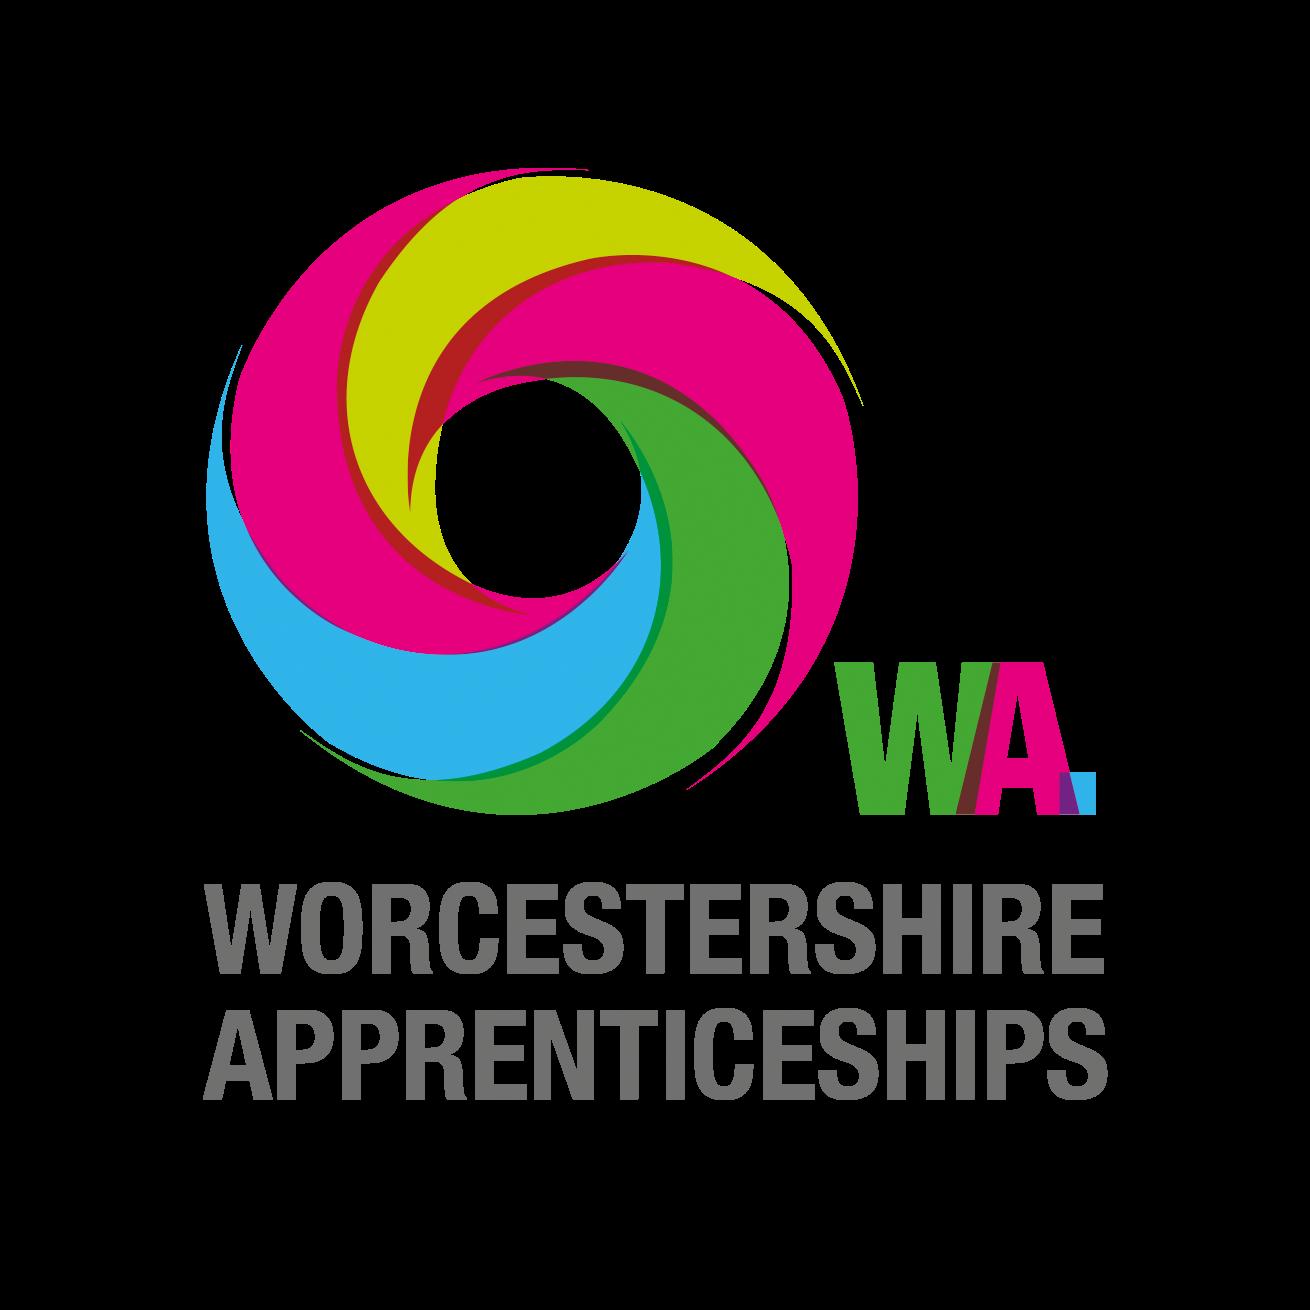 Worcsapprenticeships